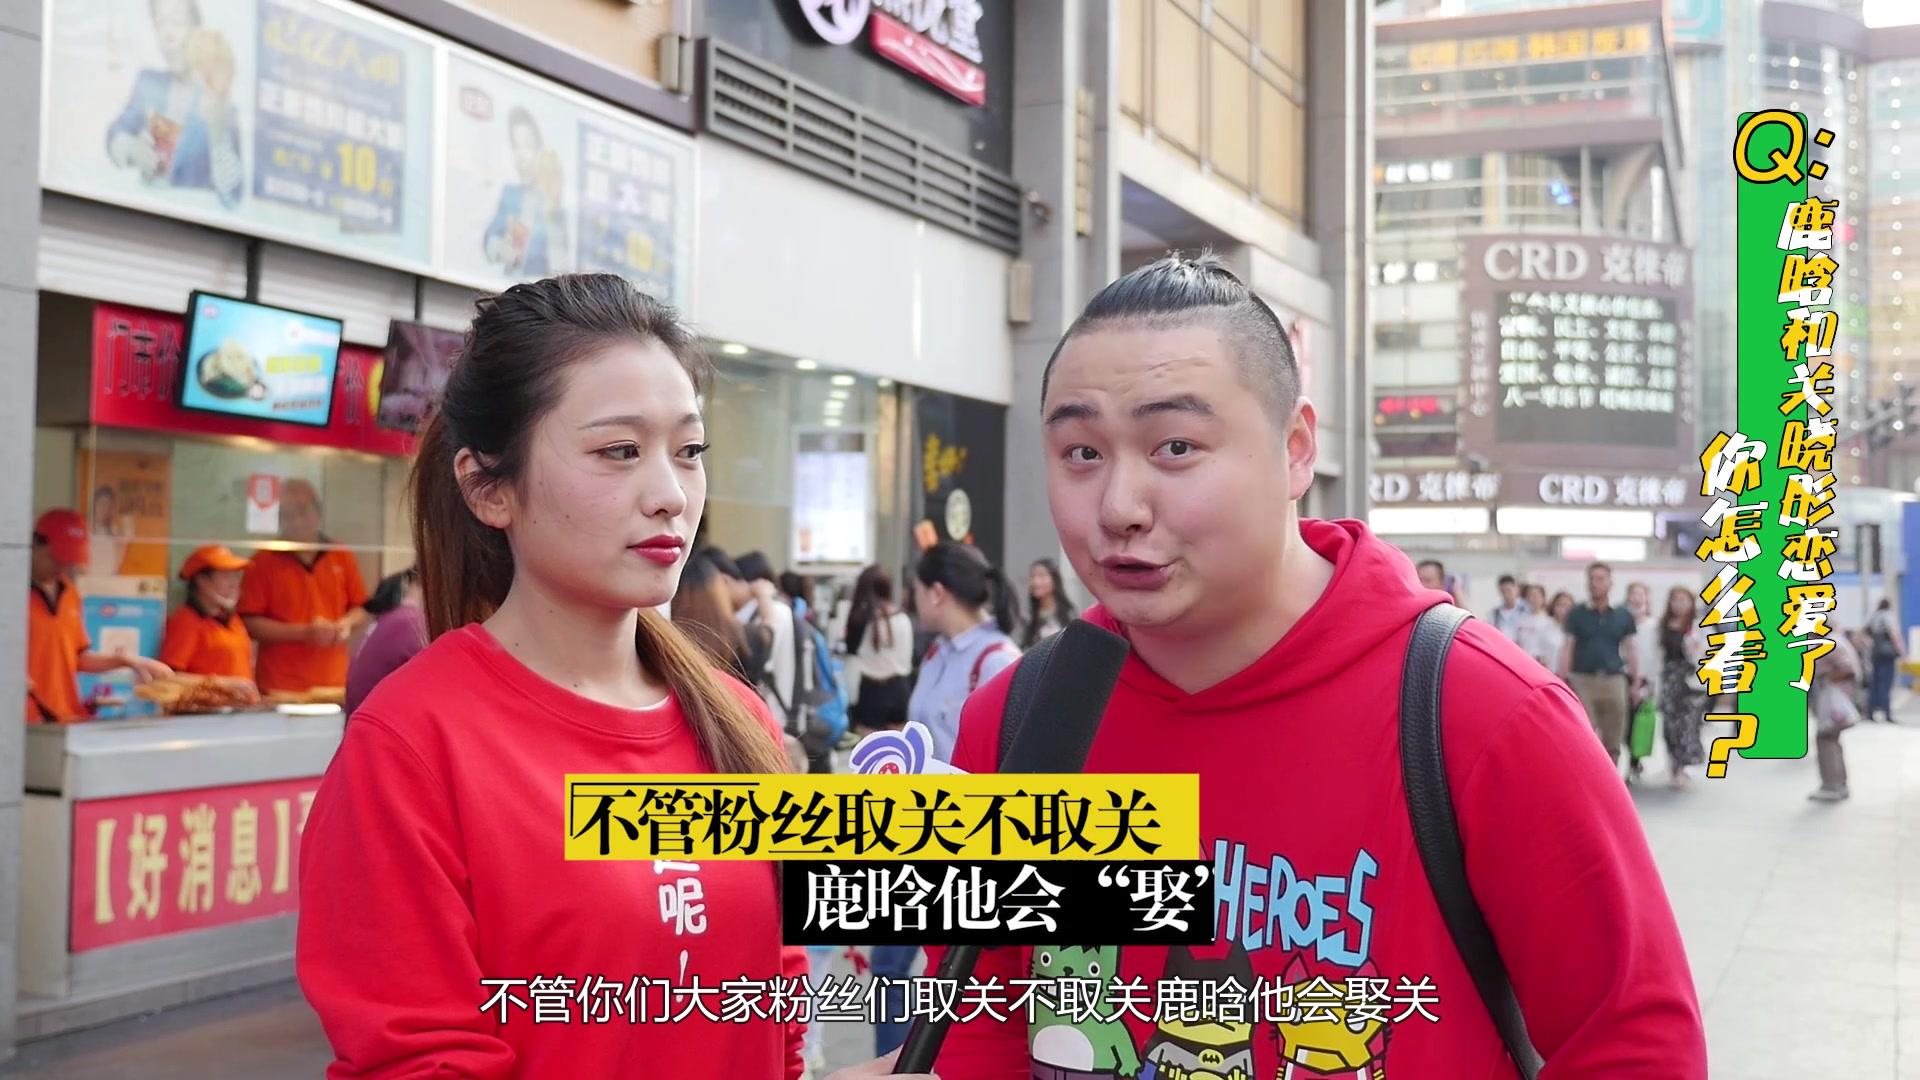 鹿晗关晓彤公开恋情后引发热议,路人们的回答也是富有深意